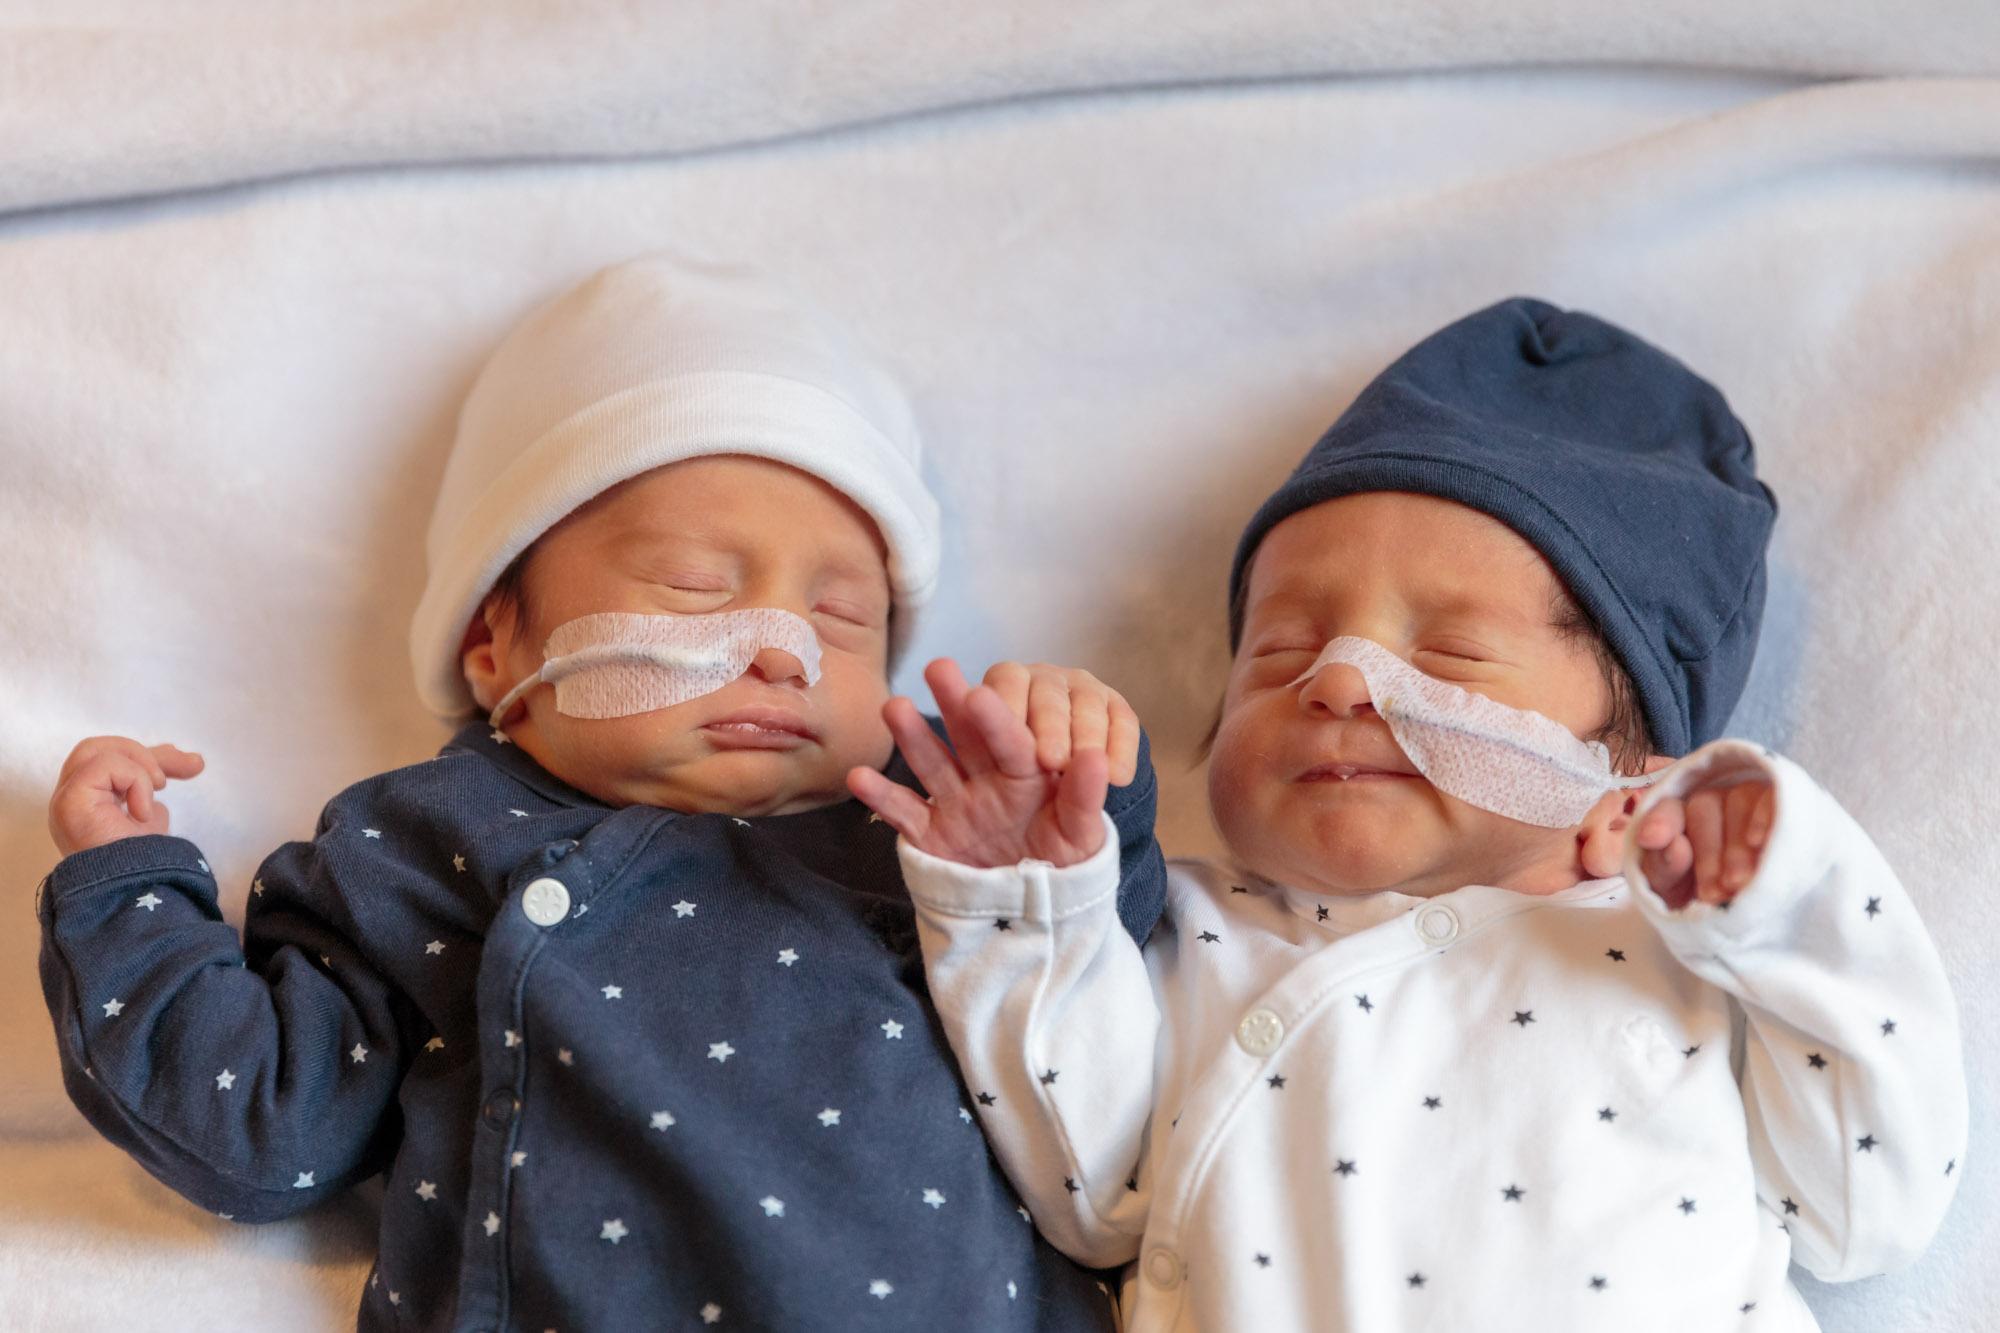 foto van premature tweeling baby's voor stichting earlybirds door mayrafotografie